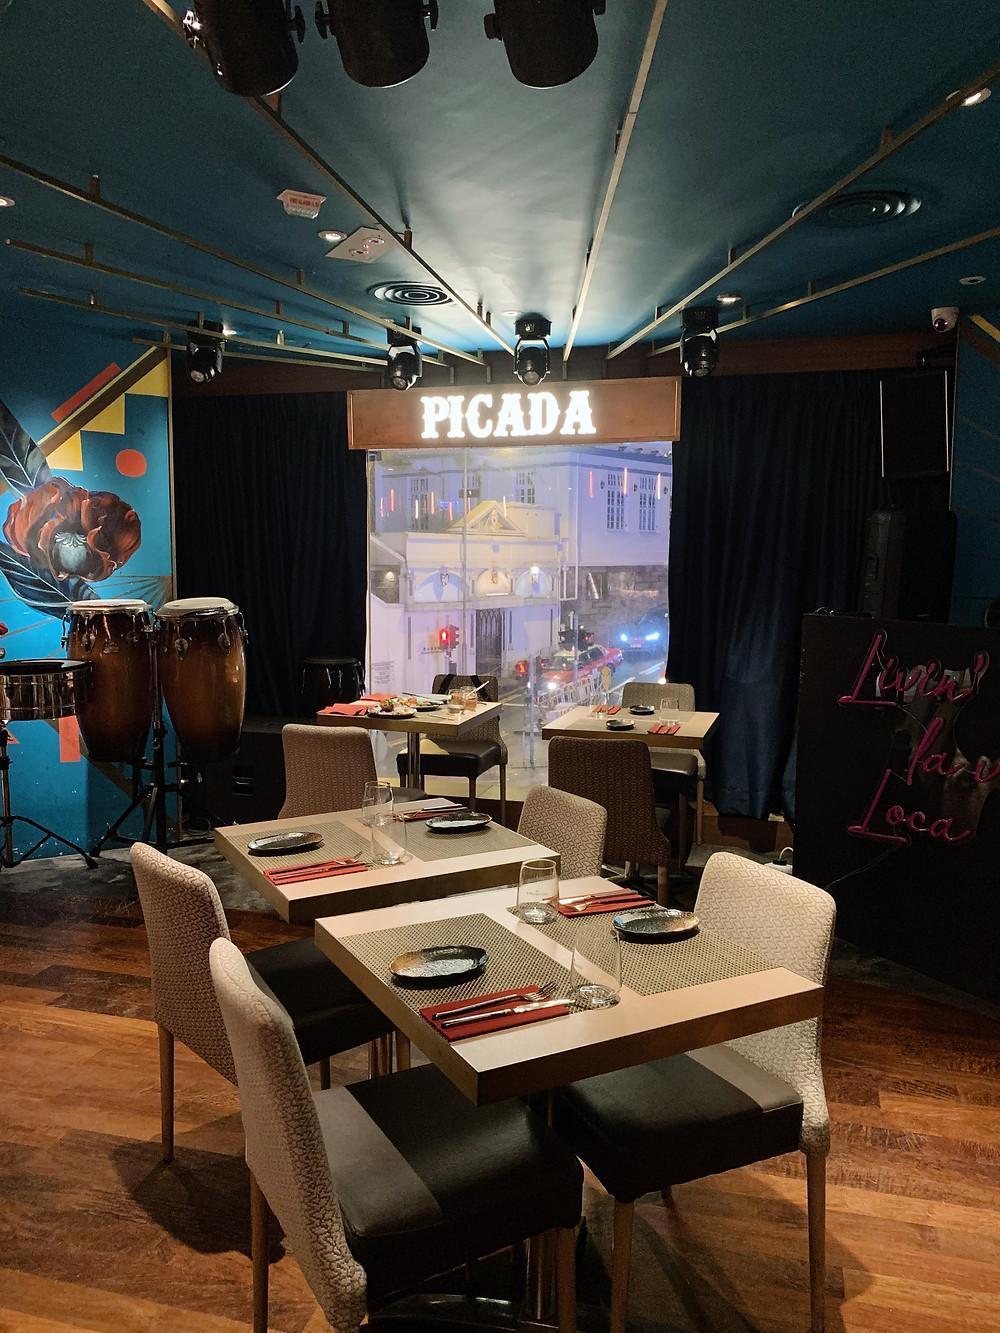 Food at Picada restaurant in Hong Kong